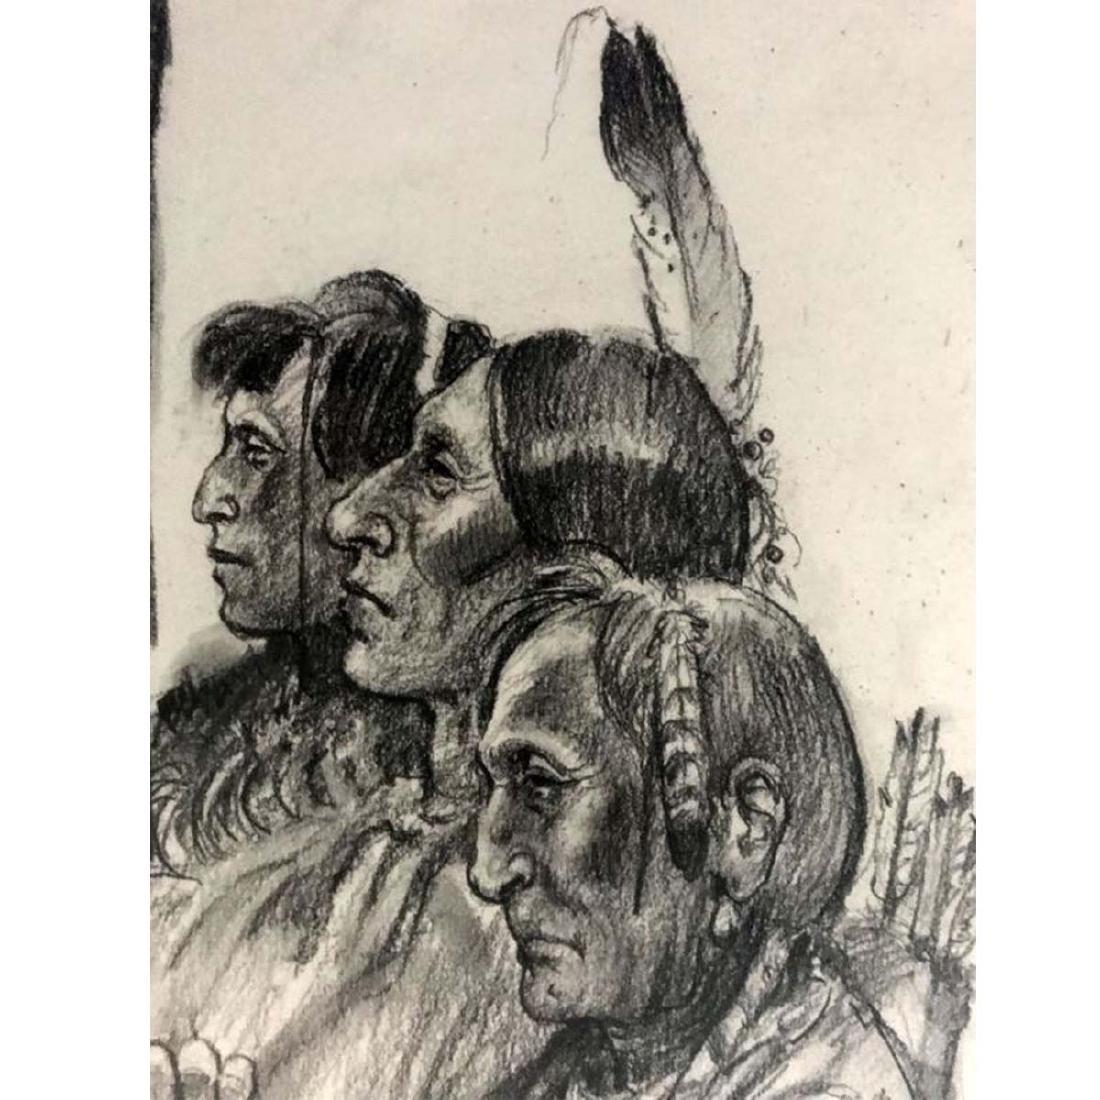 JOE NEIL BEELER PROUD INDIANS STANDING GROUND CHARCOAL - 4